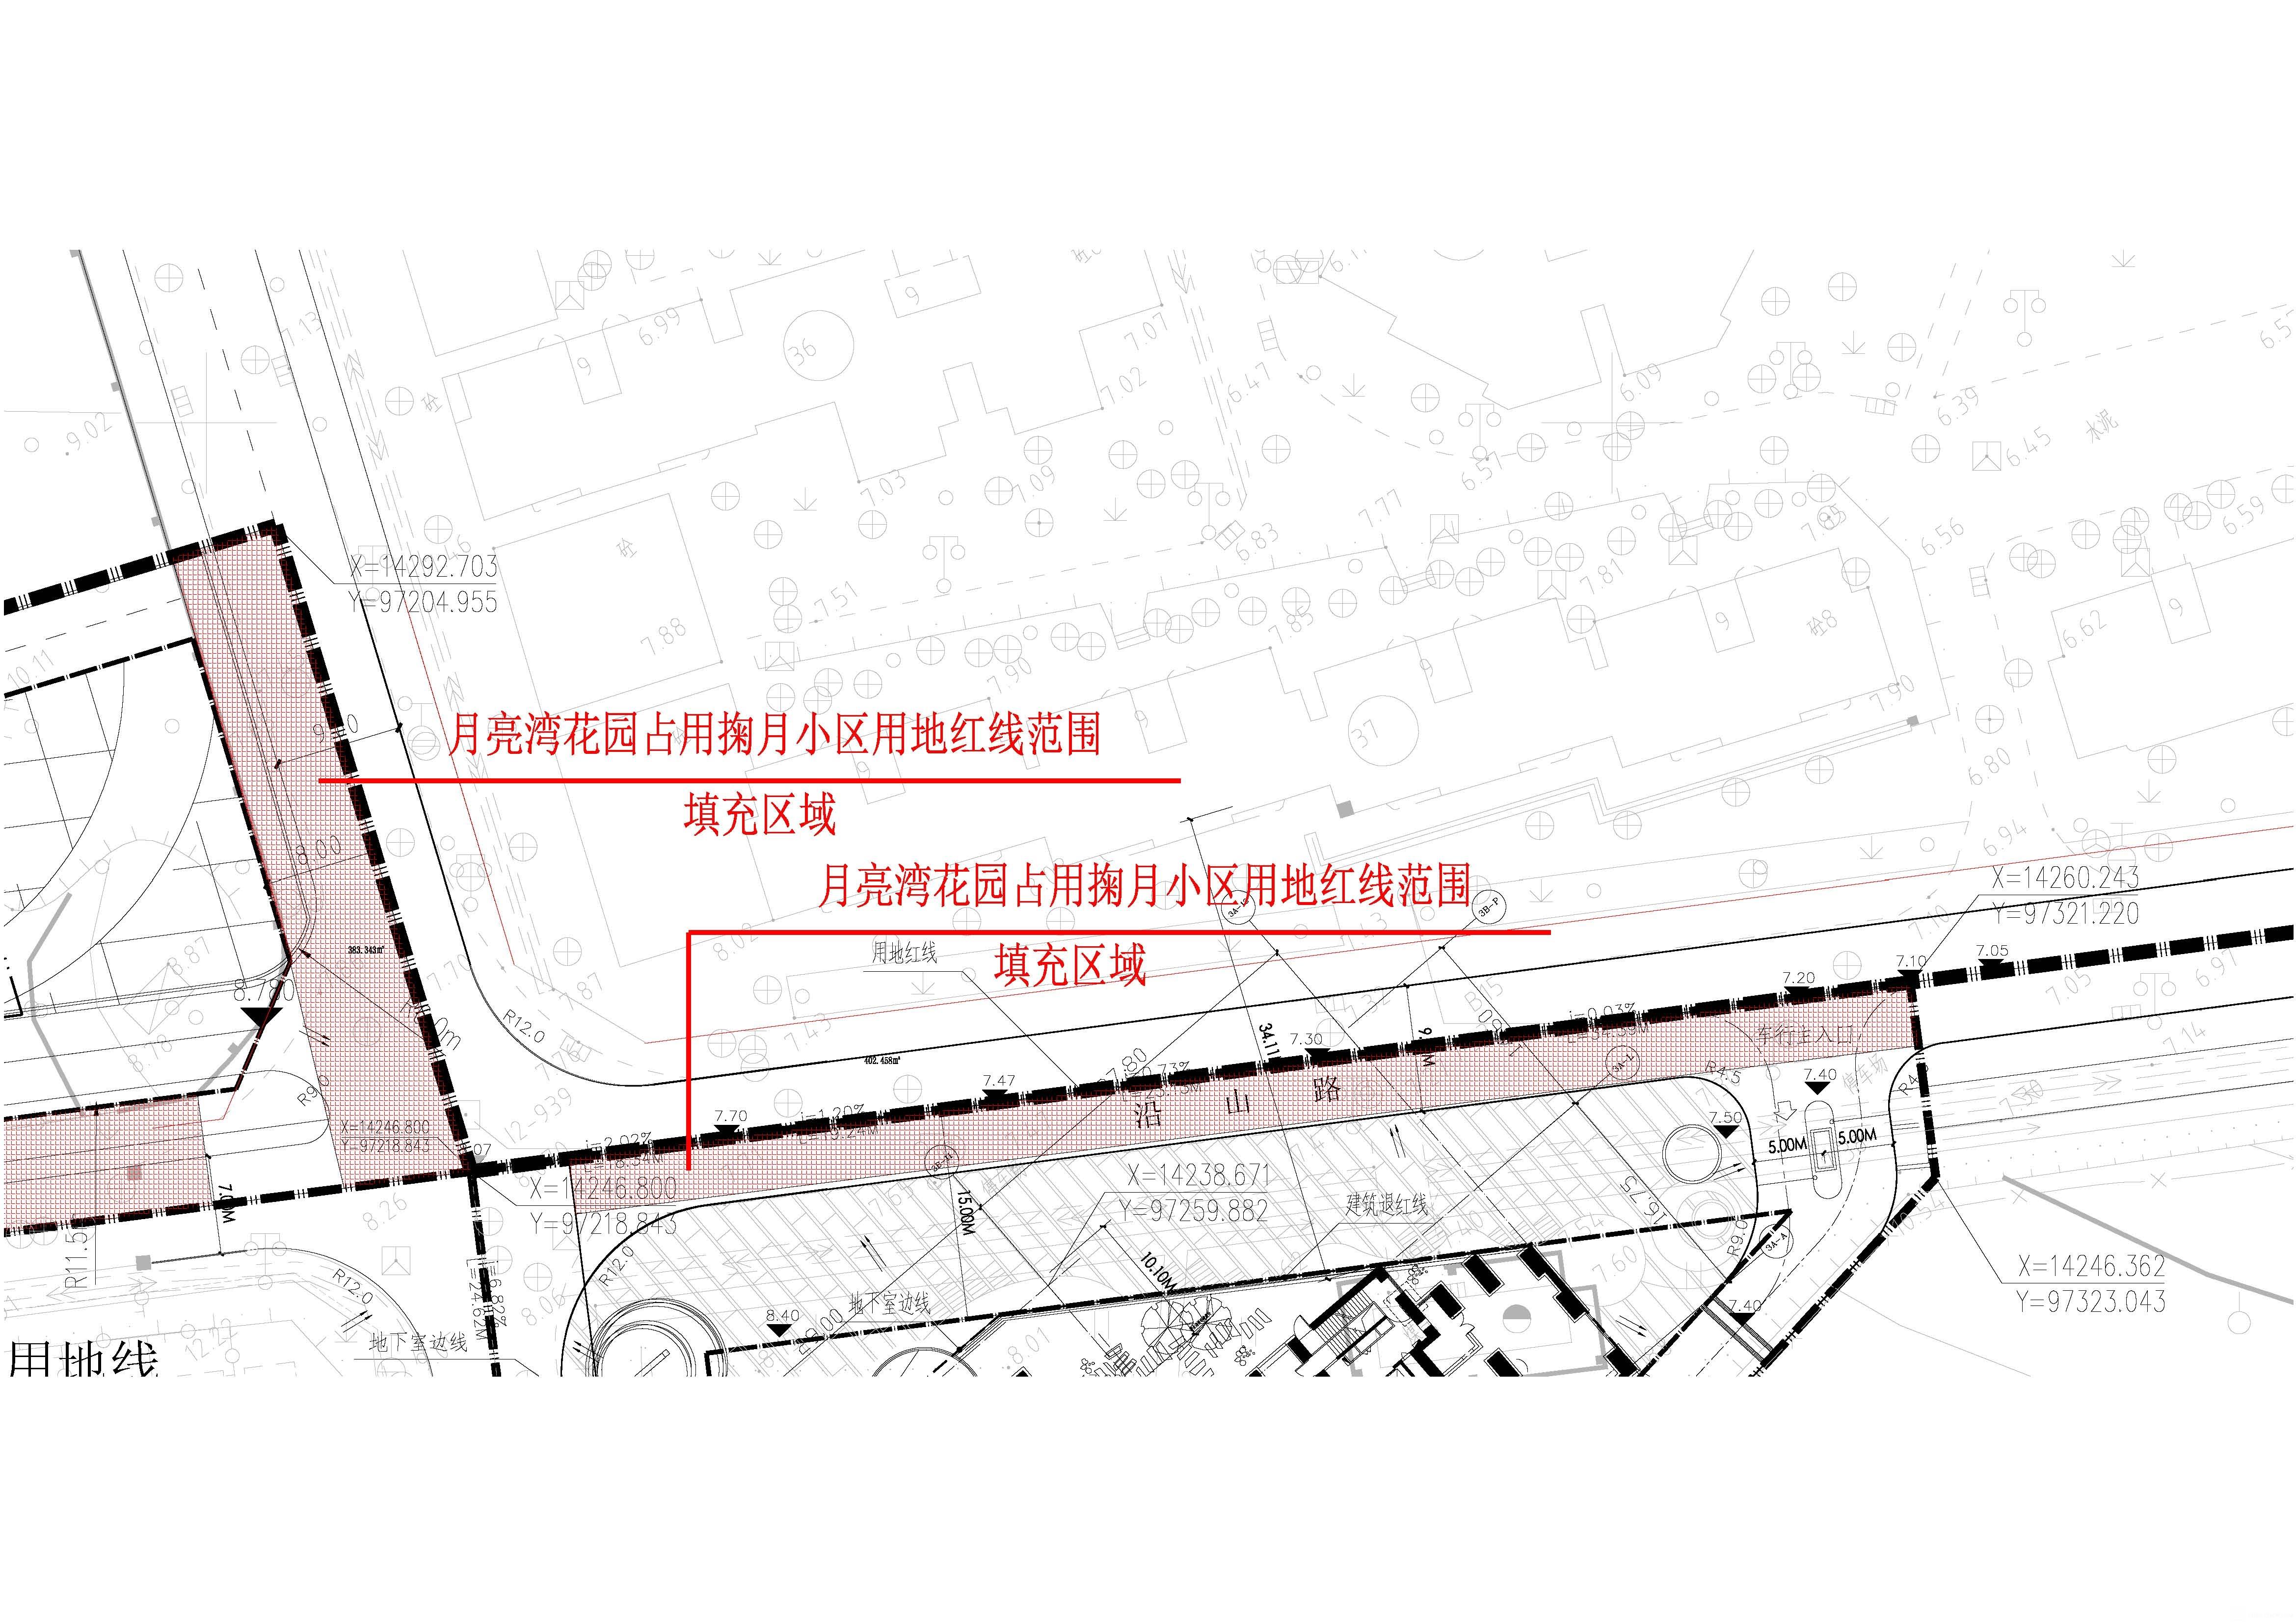 JS-00-010 一层总图-Model.jpg